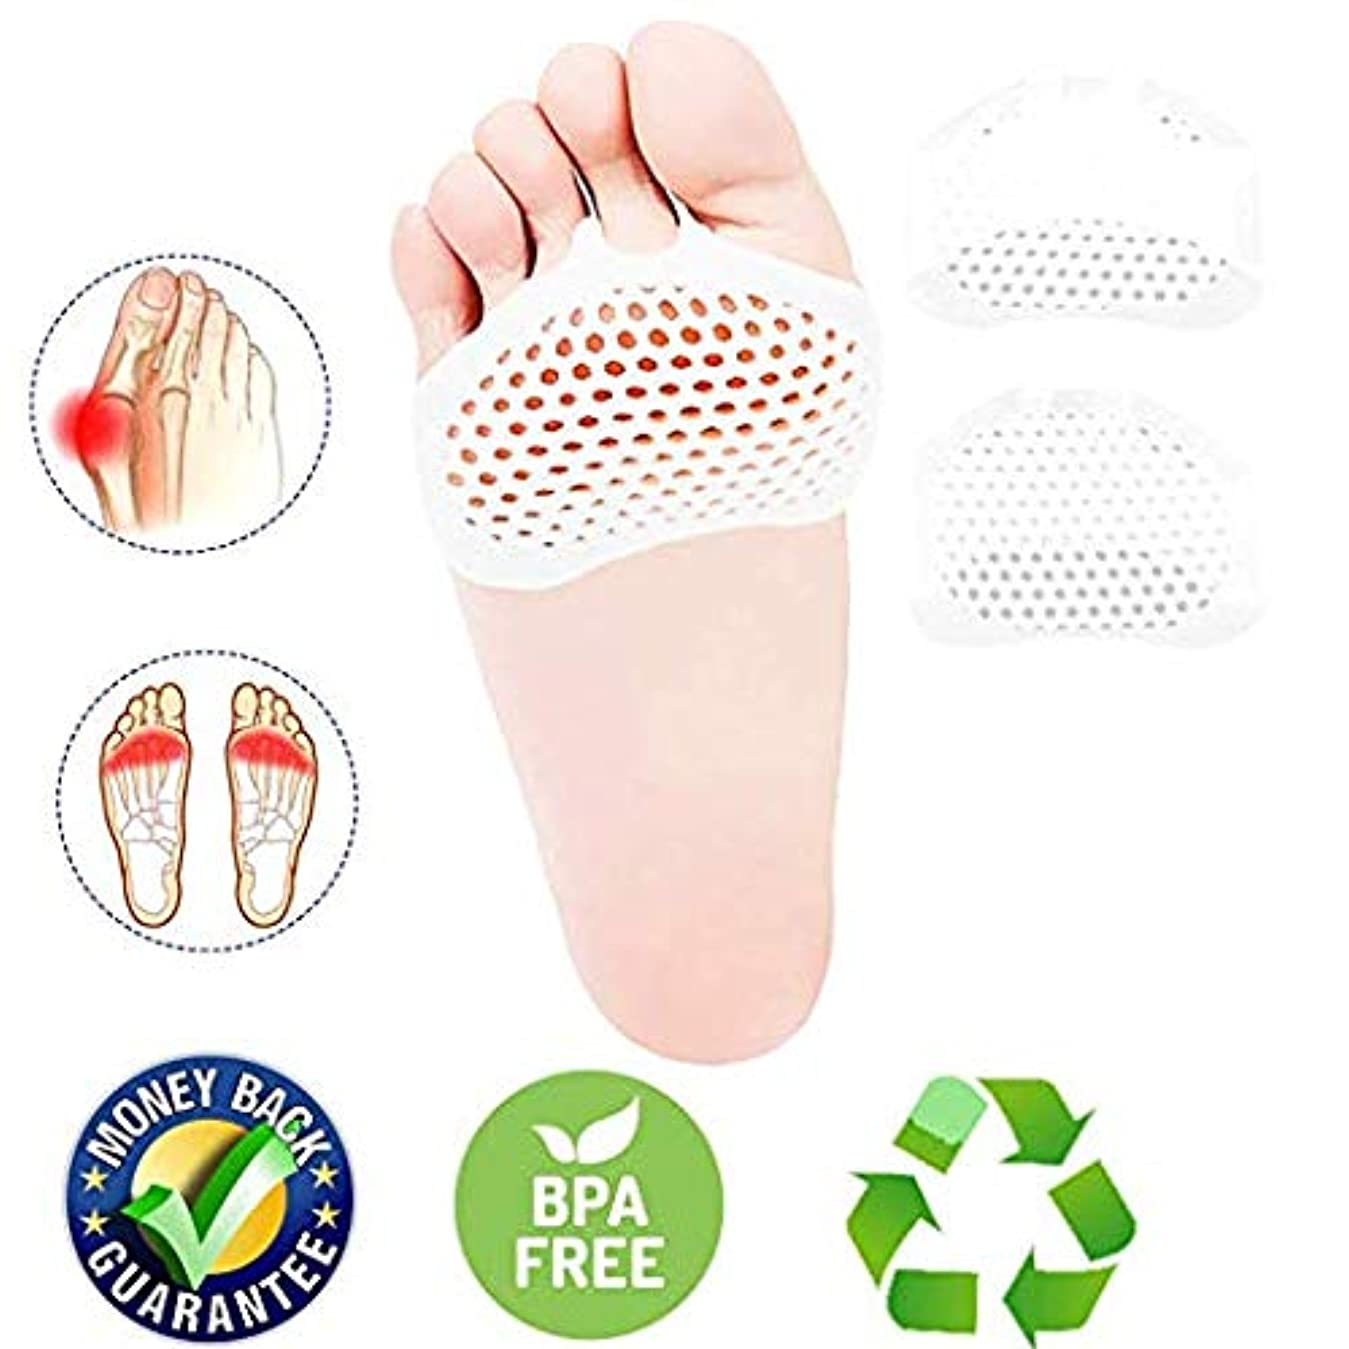 保持するそして横に中足骨パッドフットクッションのボール、つま先セパレーター、つま先セパレーターストレッチャー、ゲルゴムシリコーンsesamoiditisパッド、通気性のある足の痛みを緩和するクッションハンマーまっすぐな腱膜炎の痛みの足